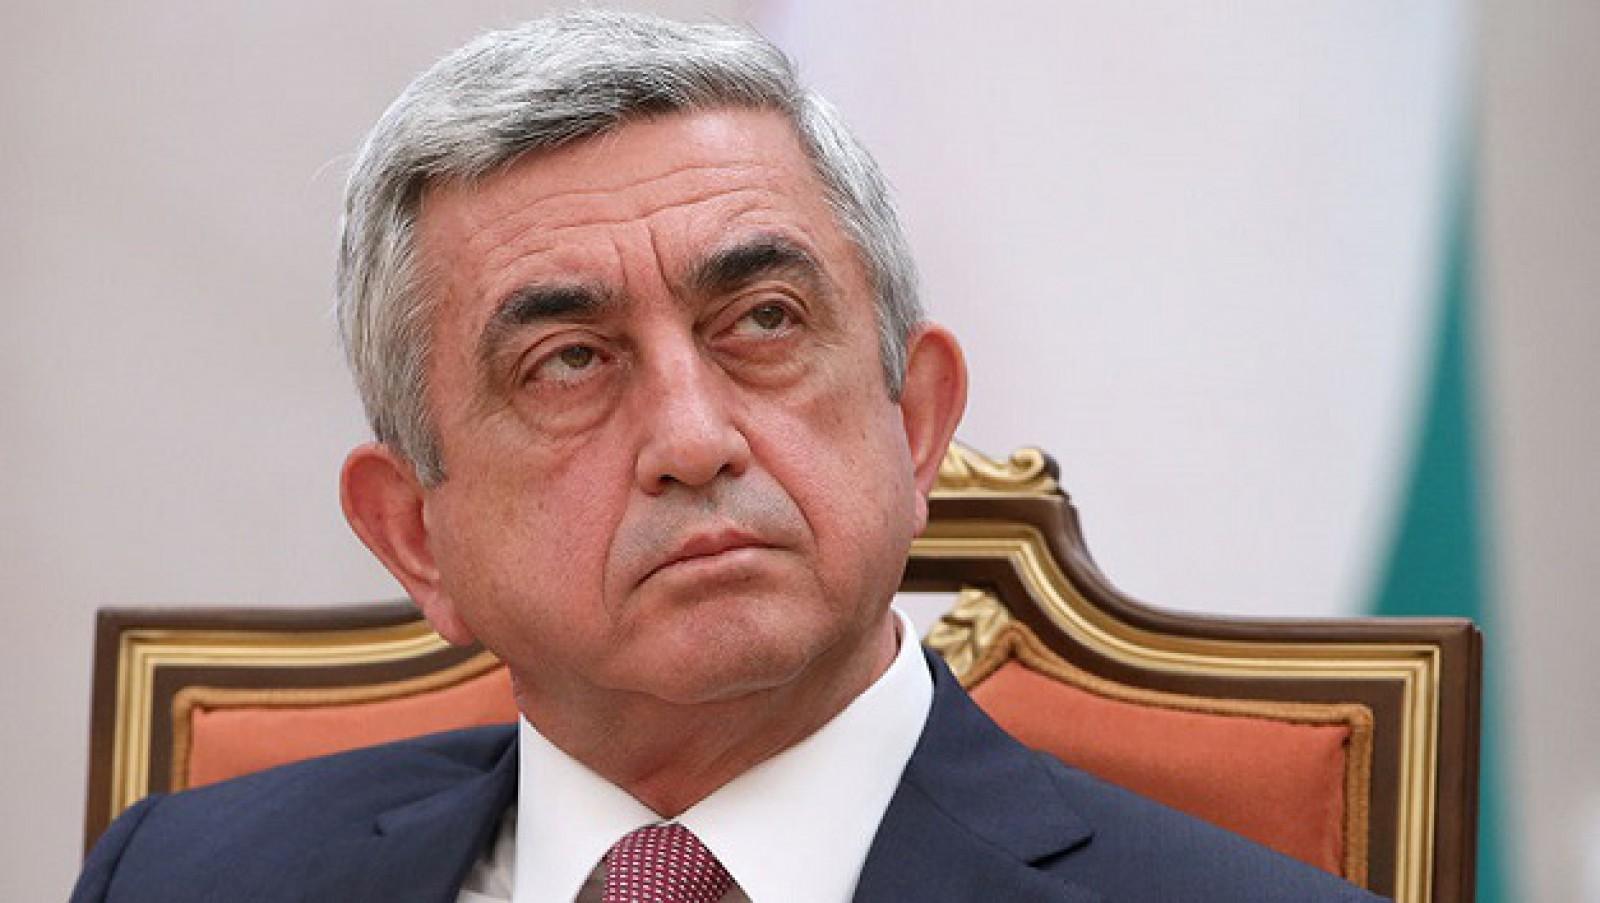 (ultima oră/live) Prim-ministrul Armeniei, Serj Sargsyan și-a dat demisia. La Erevean mulțimea cântă și dansează